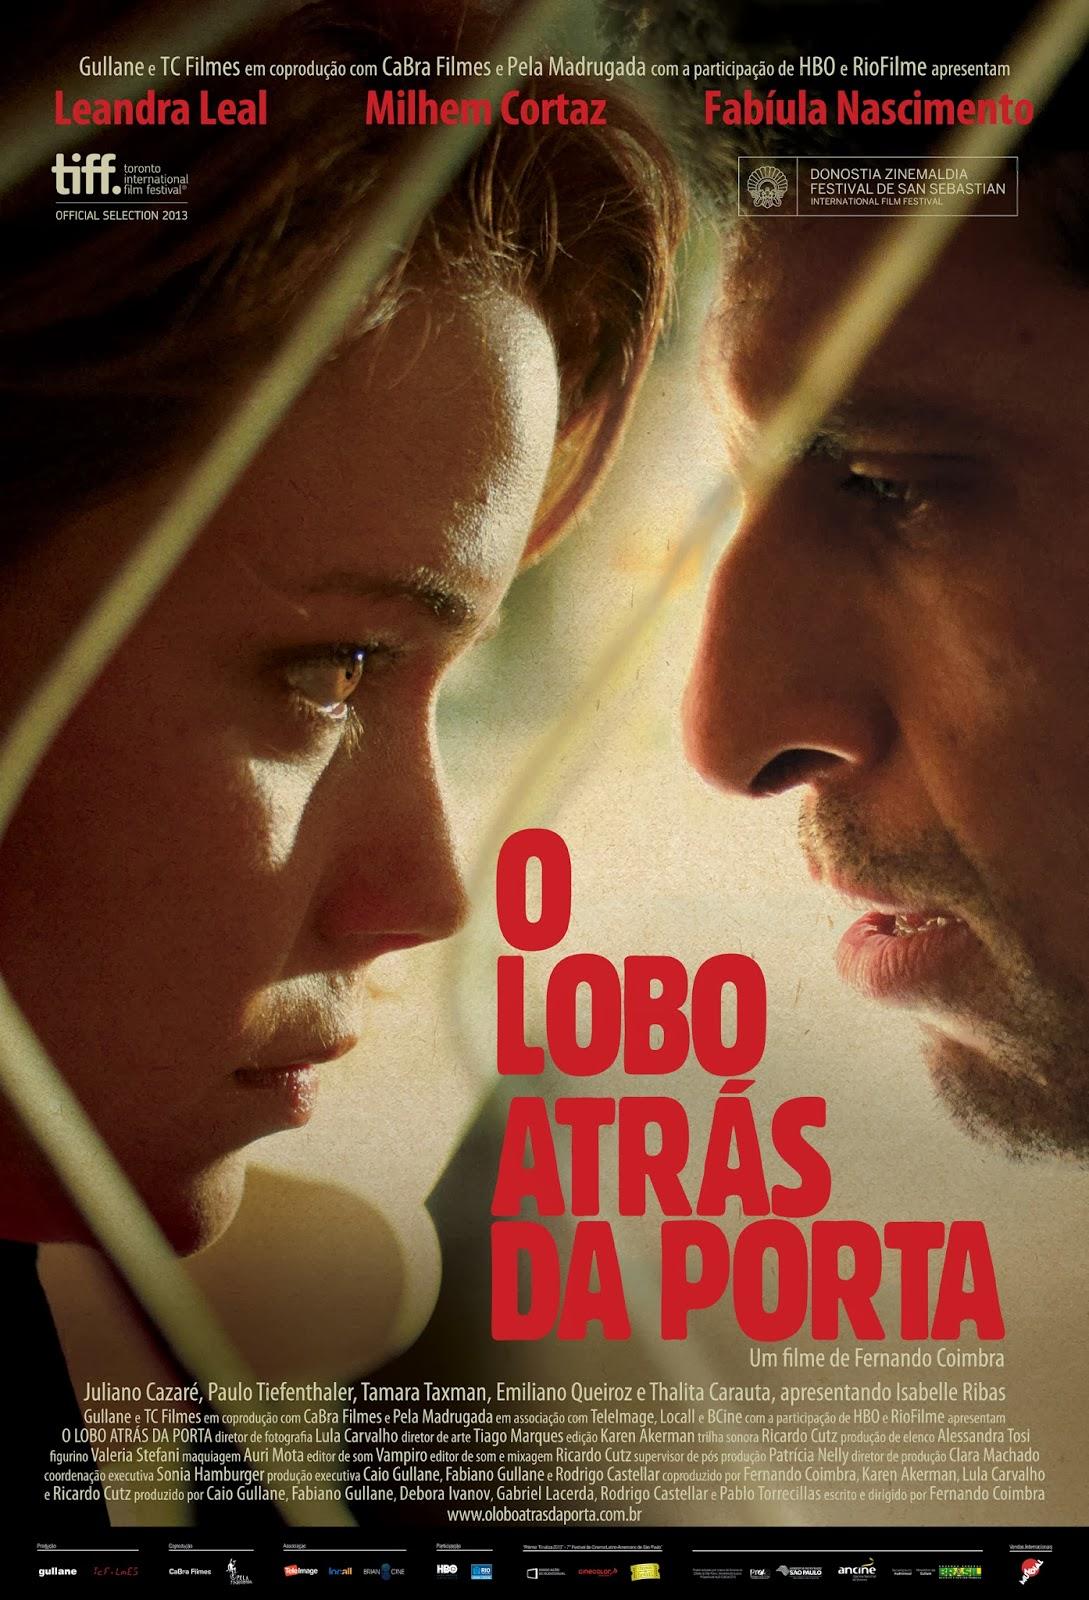 PS: As imagens que ilustram esse post são só exemplos de grandes filmes brasileiros